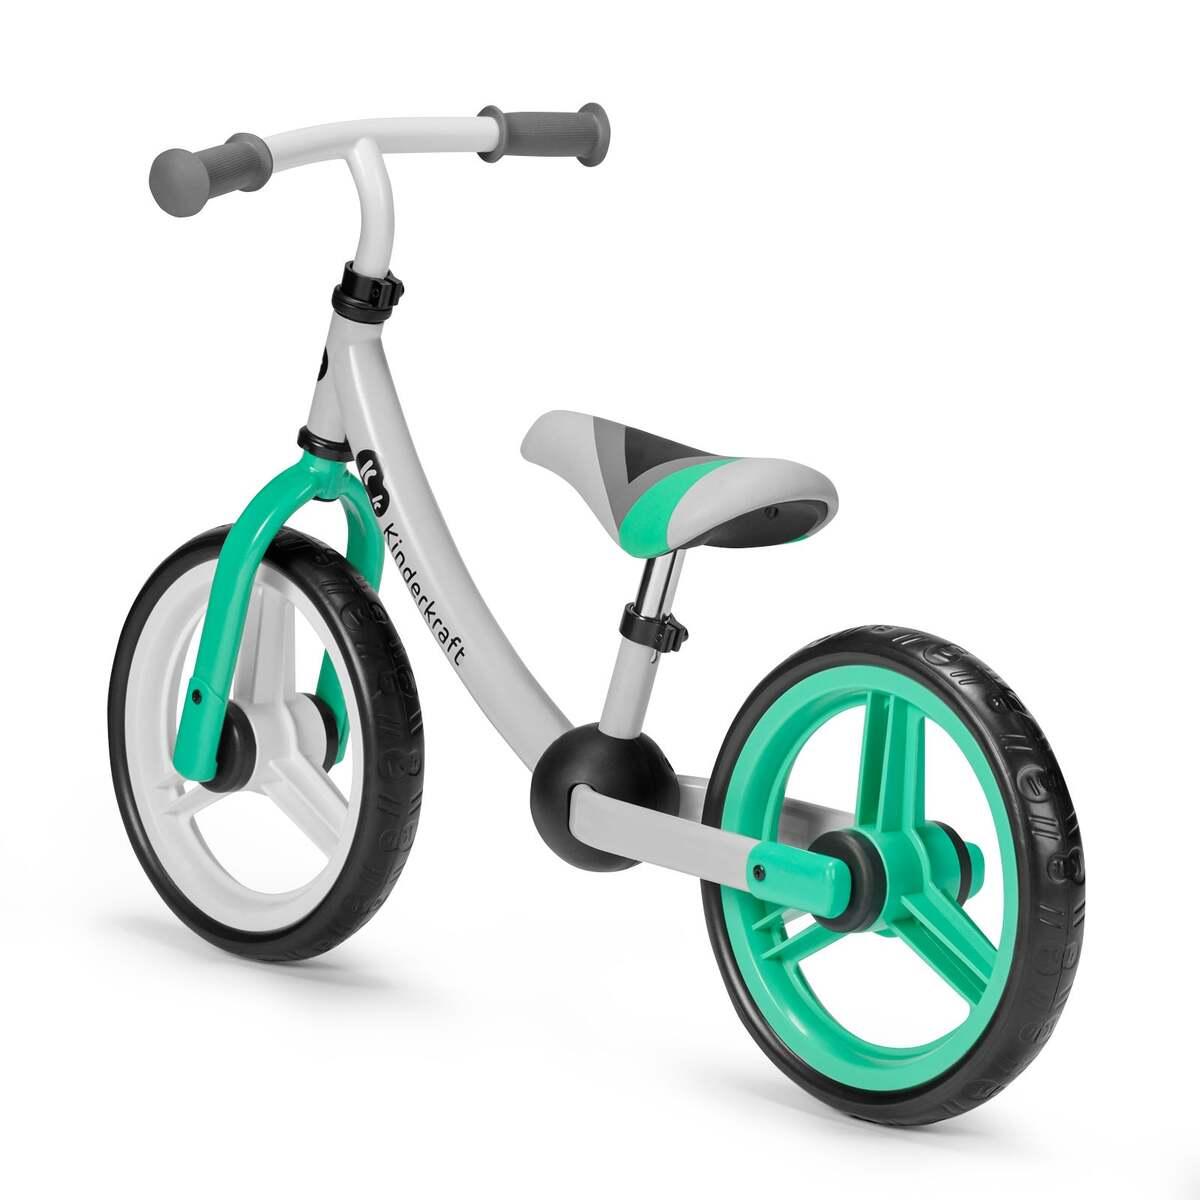 Bild 3 von Kinderkraft 2WAY NEXT-Laufrad green/grey